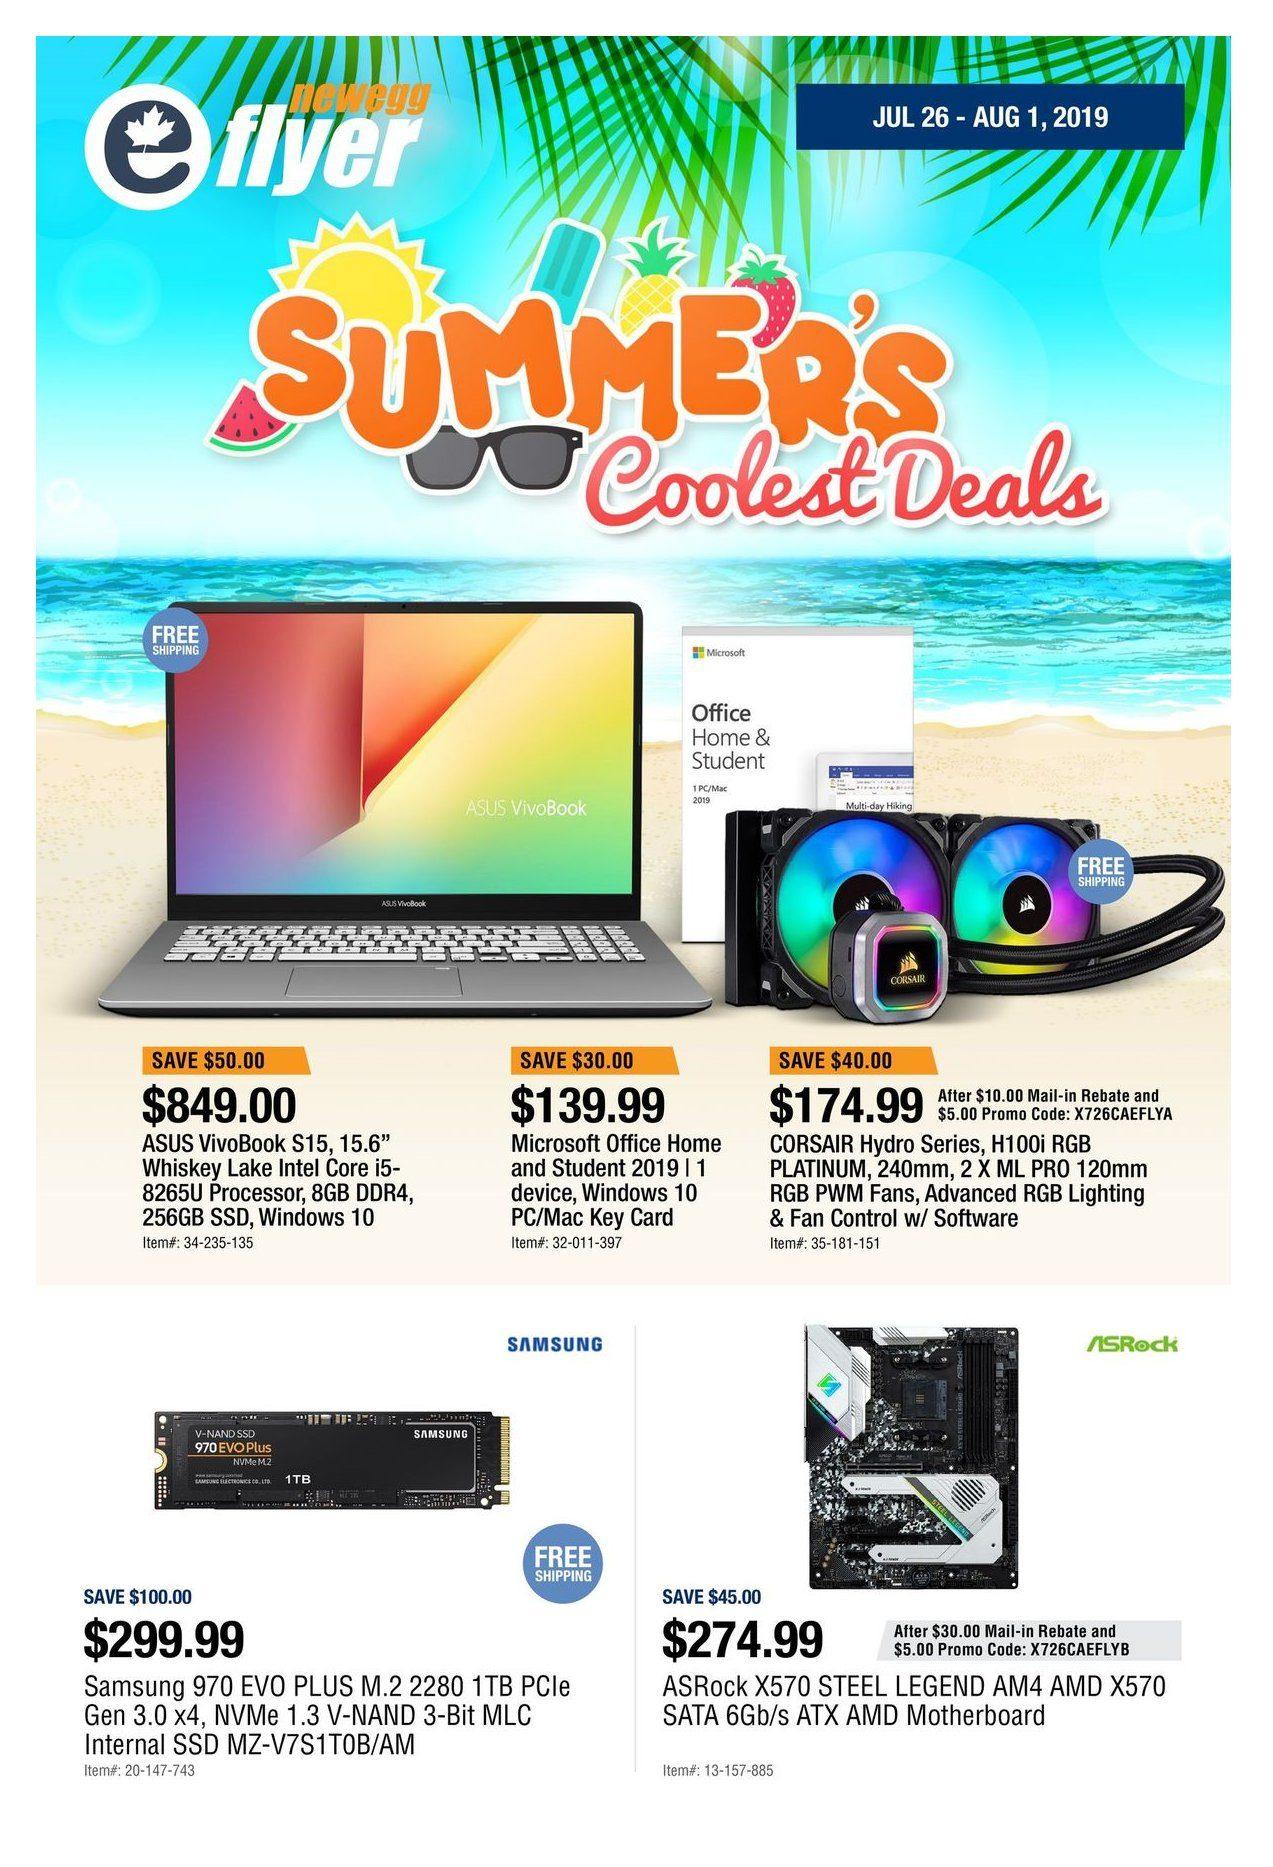 Newegg Weekly Flyer - Summer's Coolest Deals - Jul 26 – Aug